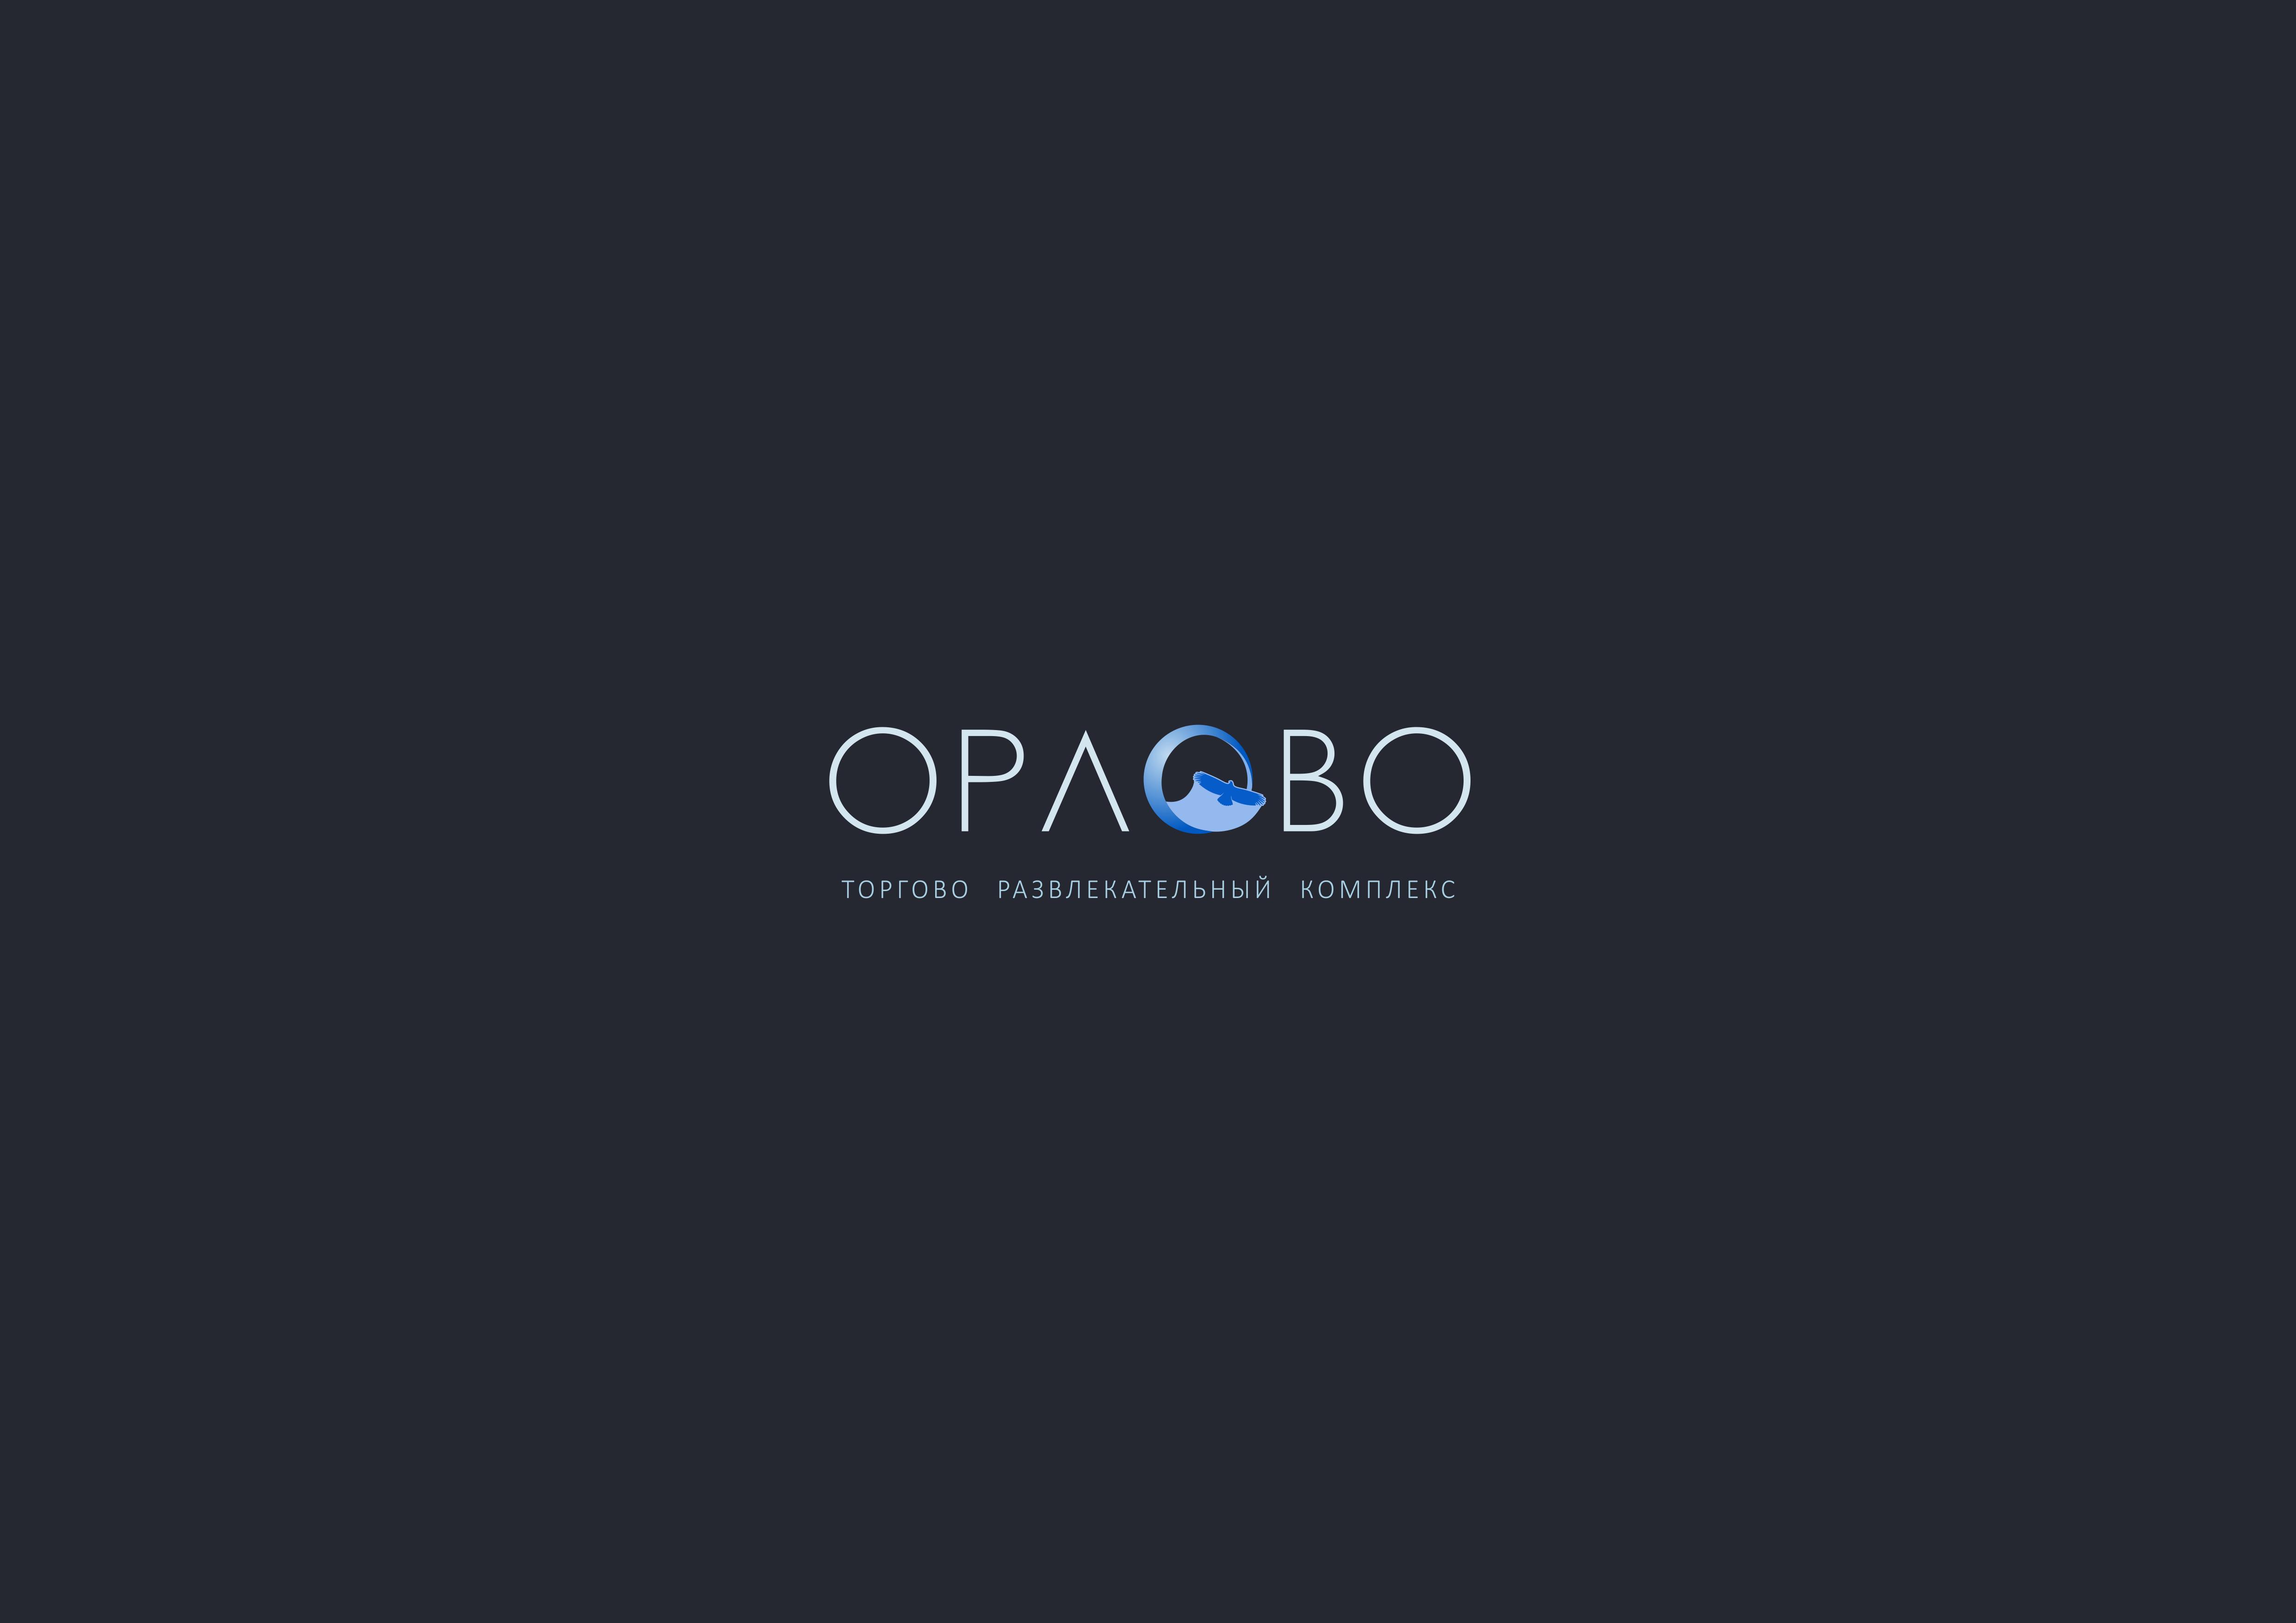 Разработка логотипа для Торгово-развлекательного комплекса фото f_142596e03673bd0d.png